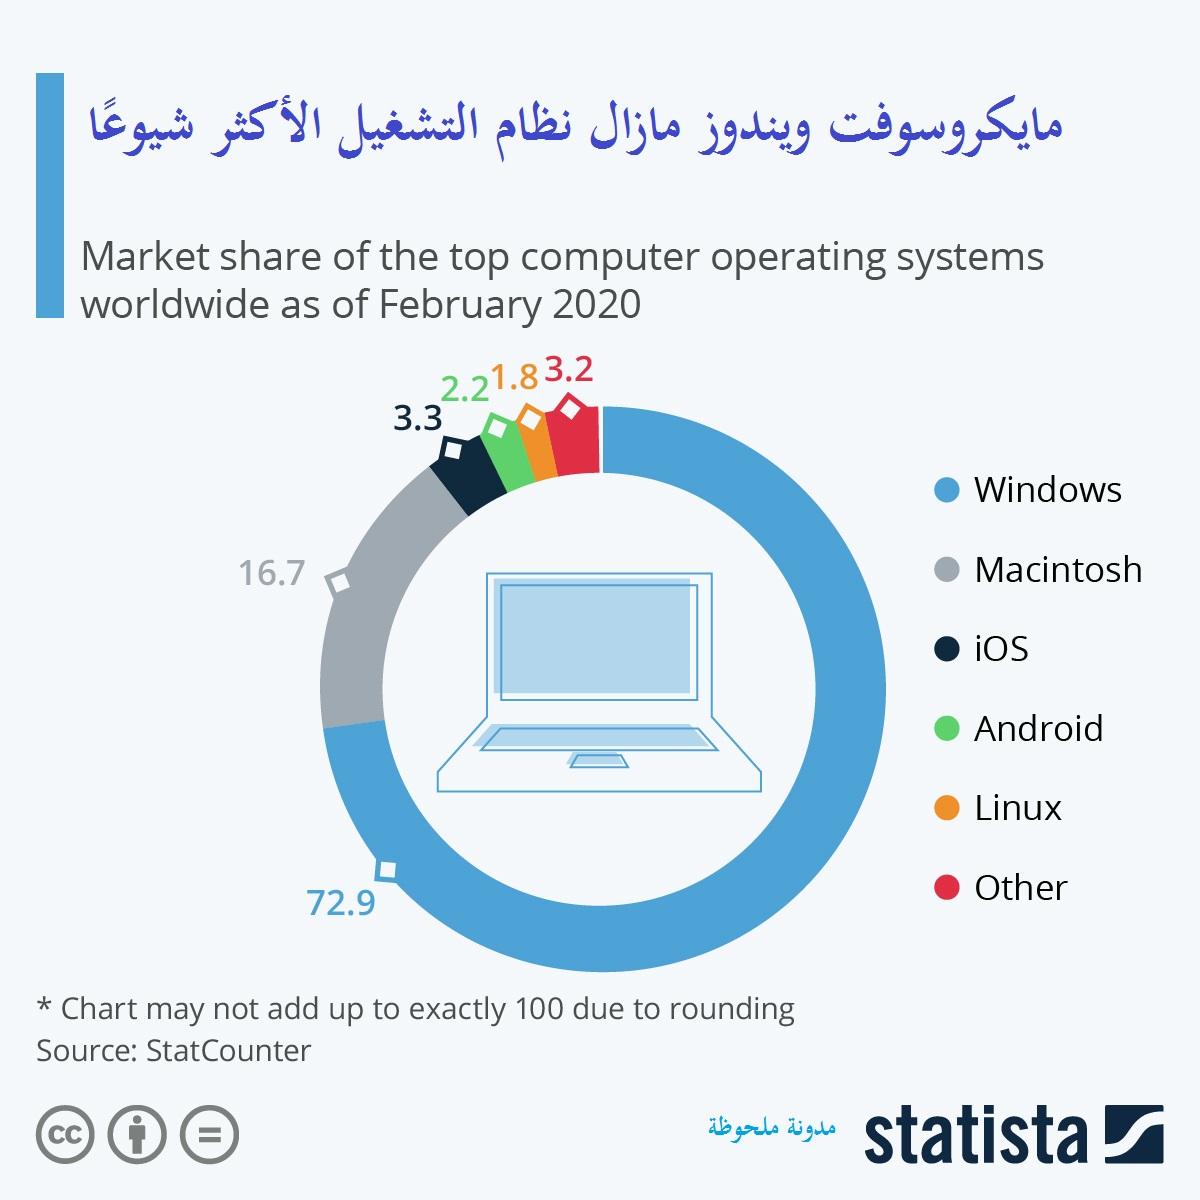 مايكروسوفت ويندوز مازال نظام التشغيل الأكثر شيوعًا